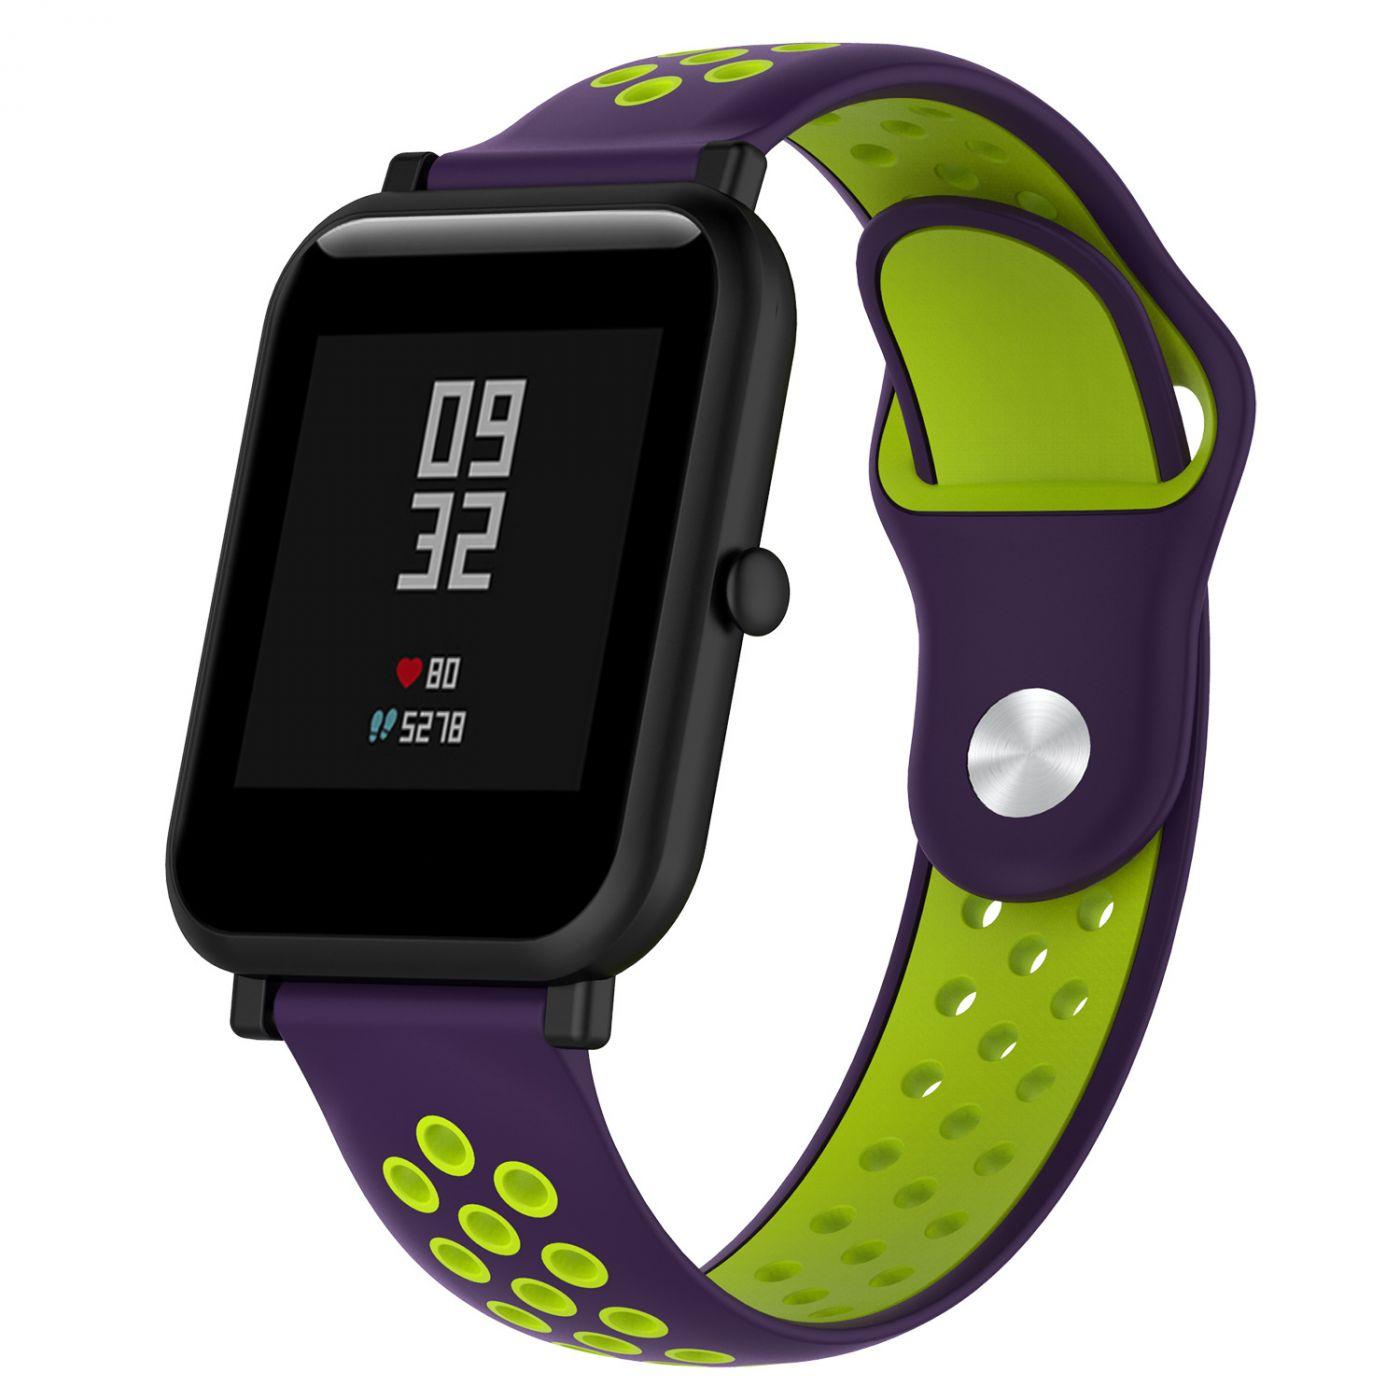 Сменный ремешок для Умных часов  Amazfit Bip Smartwatch (Фиолетовый - Салатовый)